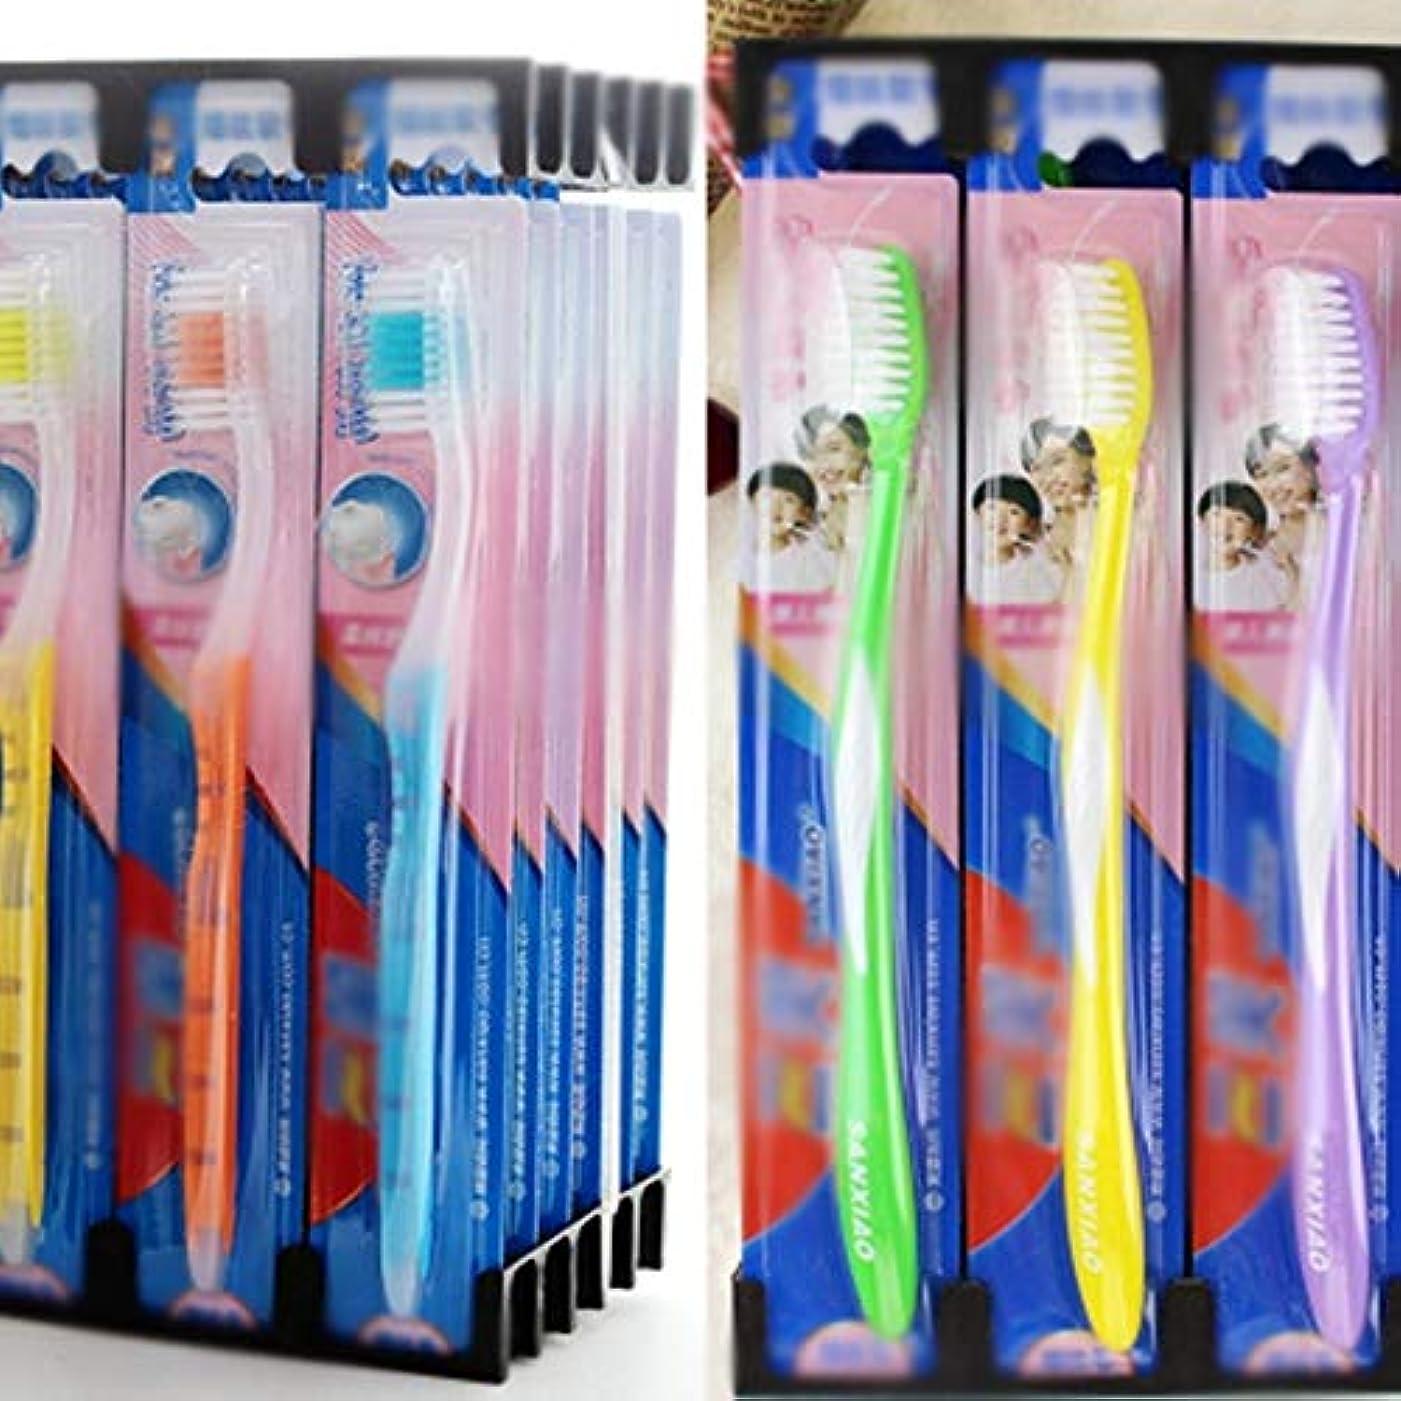 チート会社略す歯ブラシ 30パック歯ブラシ、混血歯ブラシ、ファミリーパック歯ブラシ - 使用可能なスタイルの3種類 KHL (色 : B, サイズ : 30 packs)